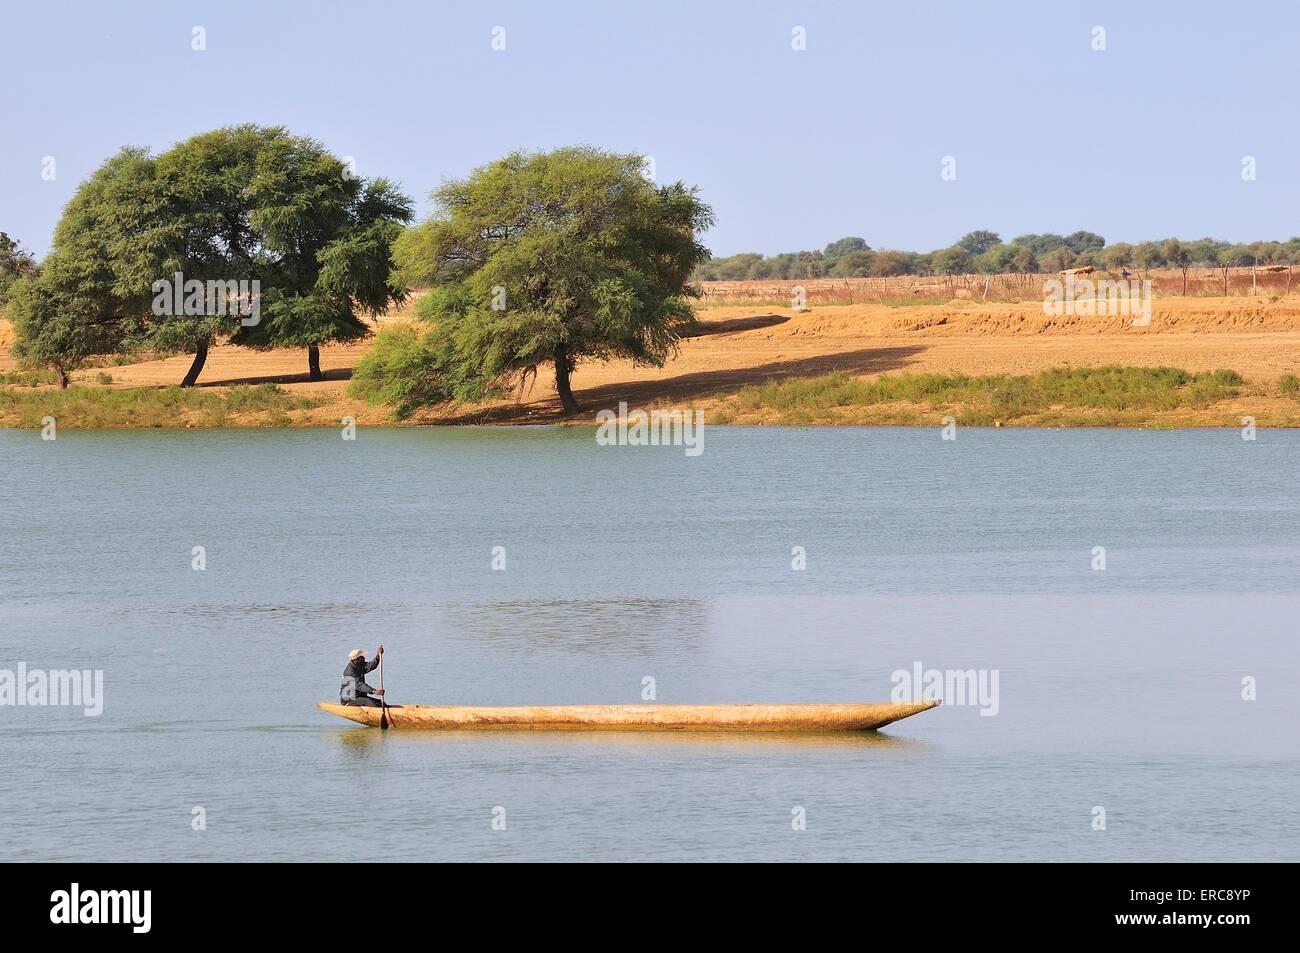 Pirogue sur le fleuve Sénégal en Bogue, région du Brakna, en Mauritanie Banque D'Images